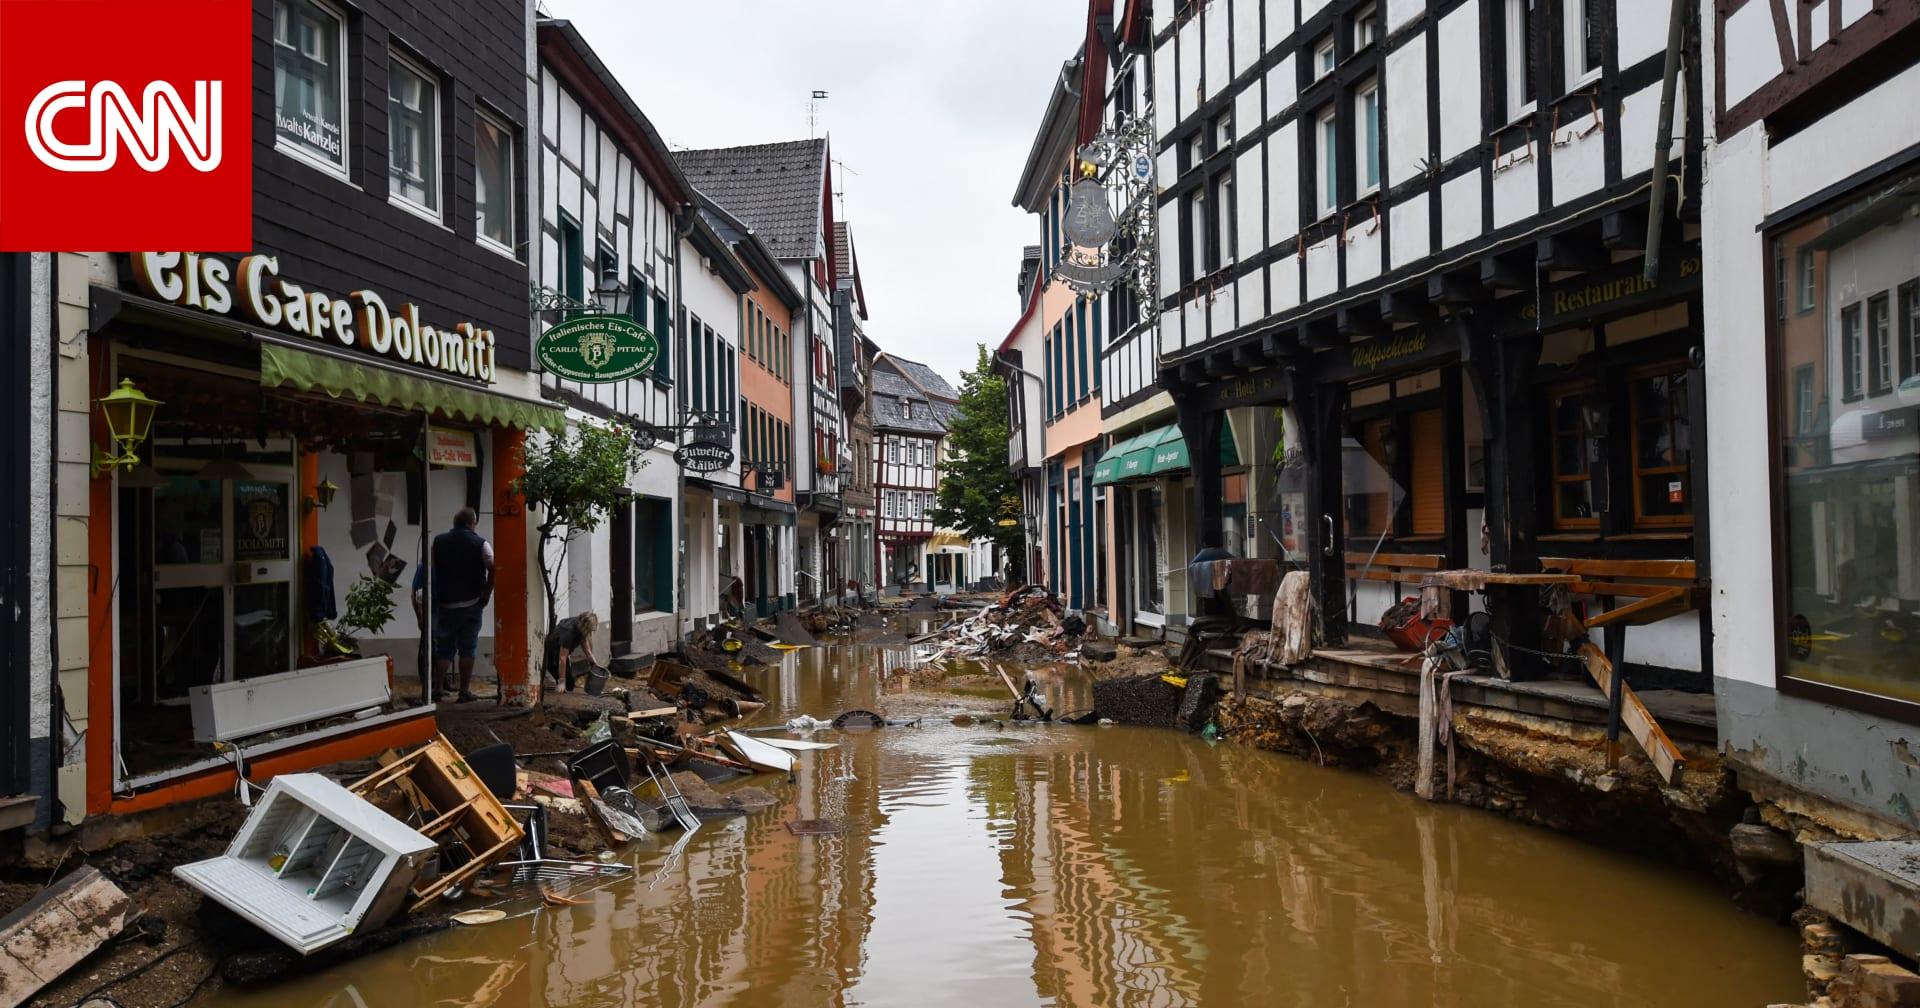 ألمانيا: اتحادات كرة القدم تتعهد بـ3.5 مليون دولار لضحايا الفيضانات